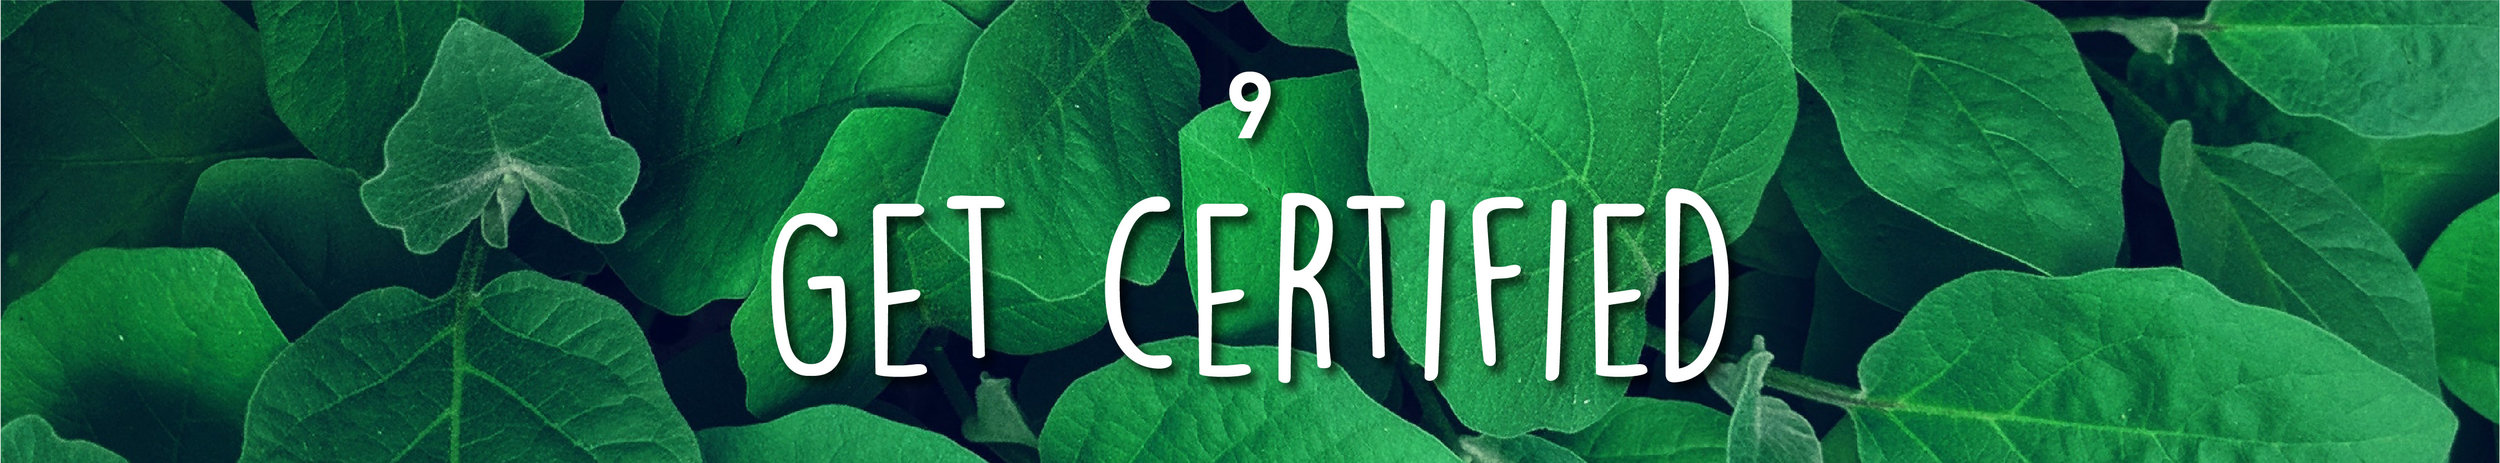 Week34-SustainableMarketing_InBlog_1 copy 21.jpg